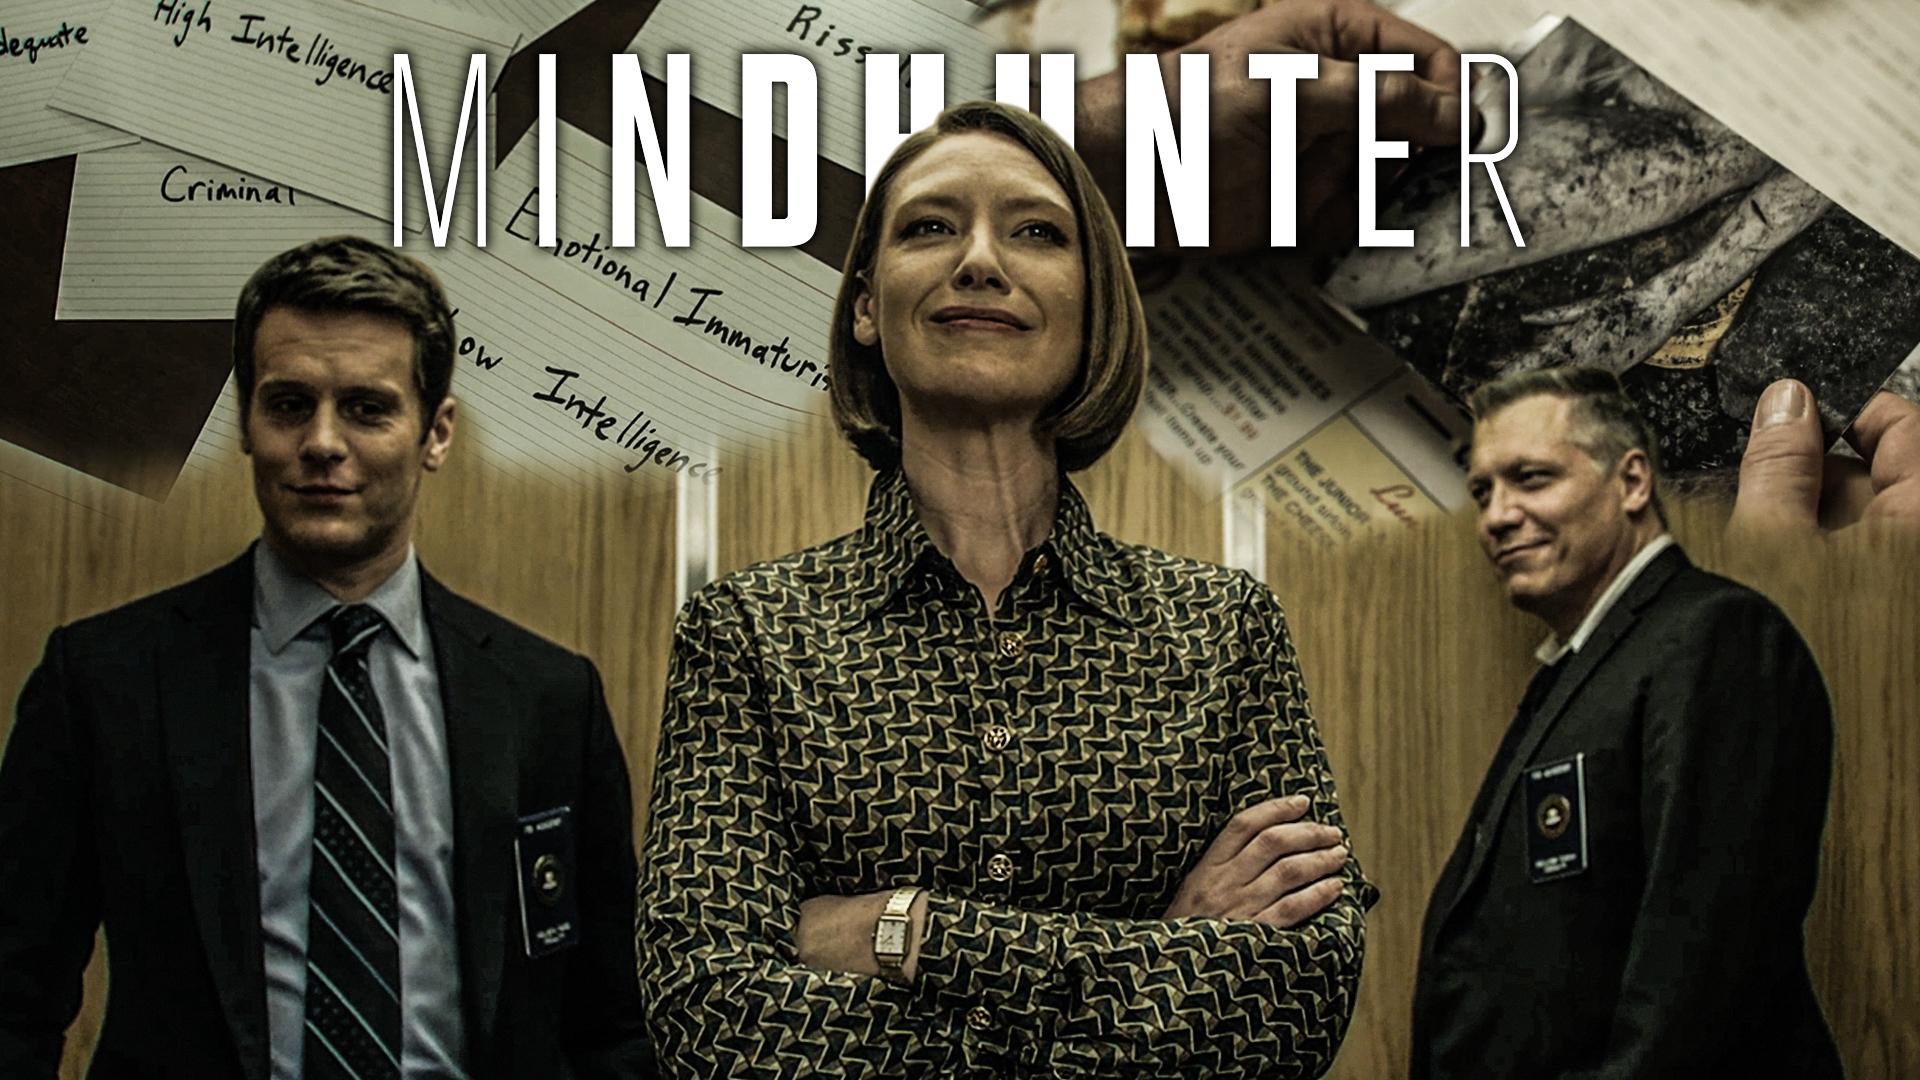 【墨菲】《心灵猎人》第4期:三巨头组队,意外转折出现——犯罪心理研究的专职化与正式化